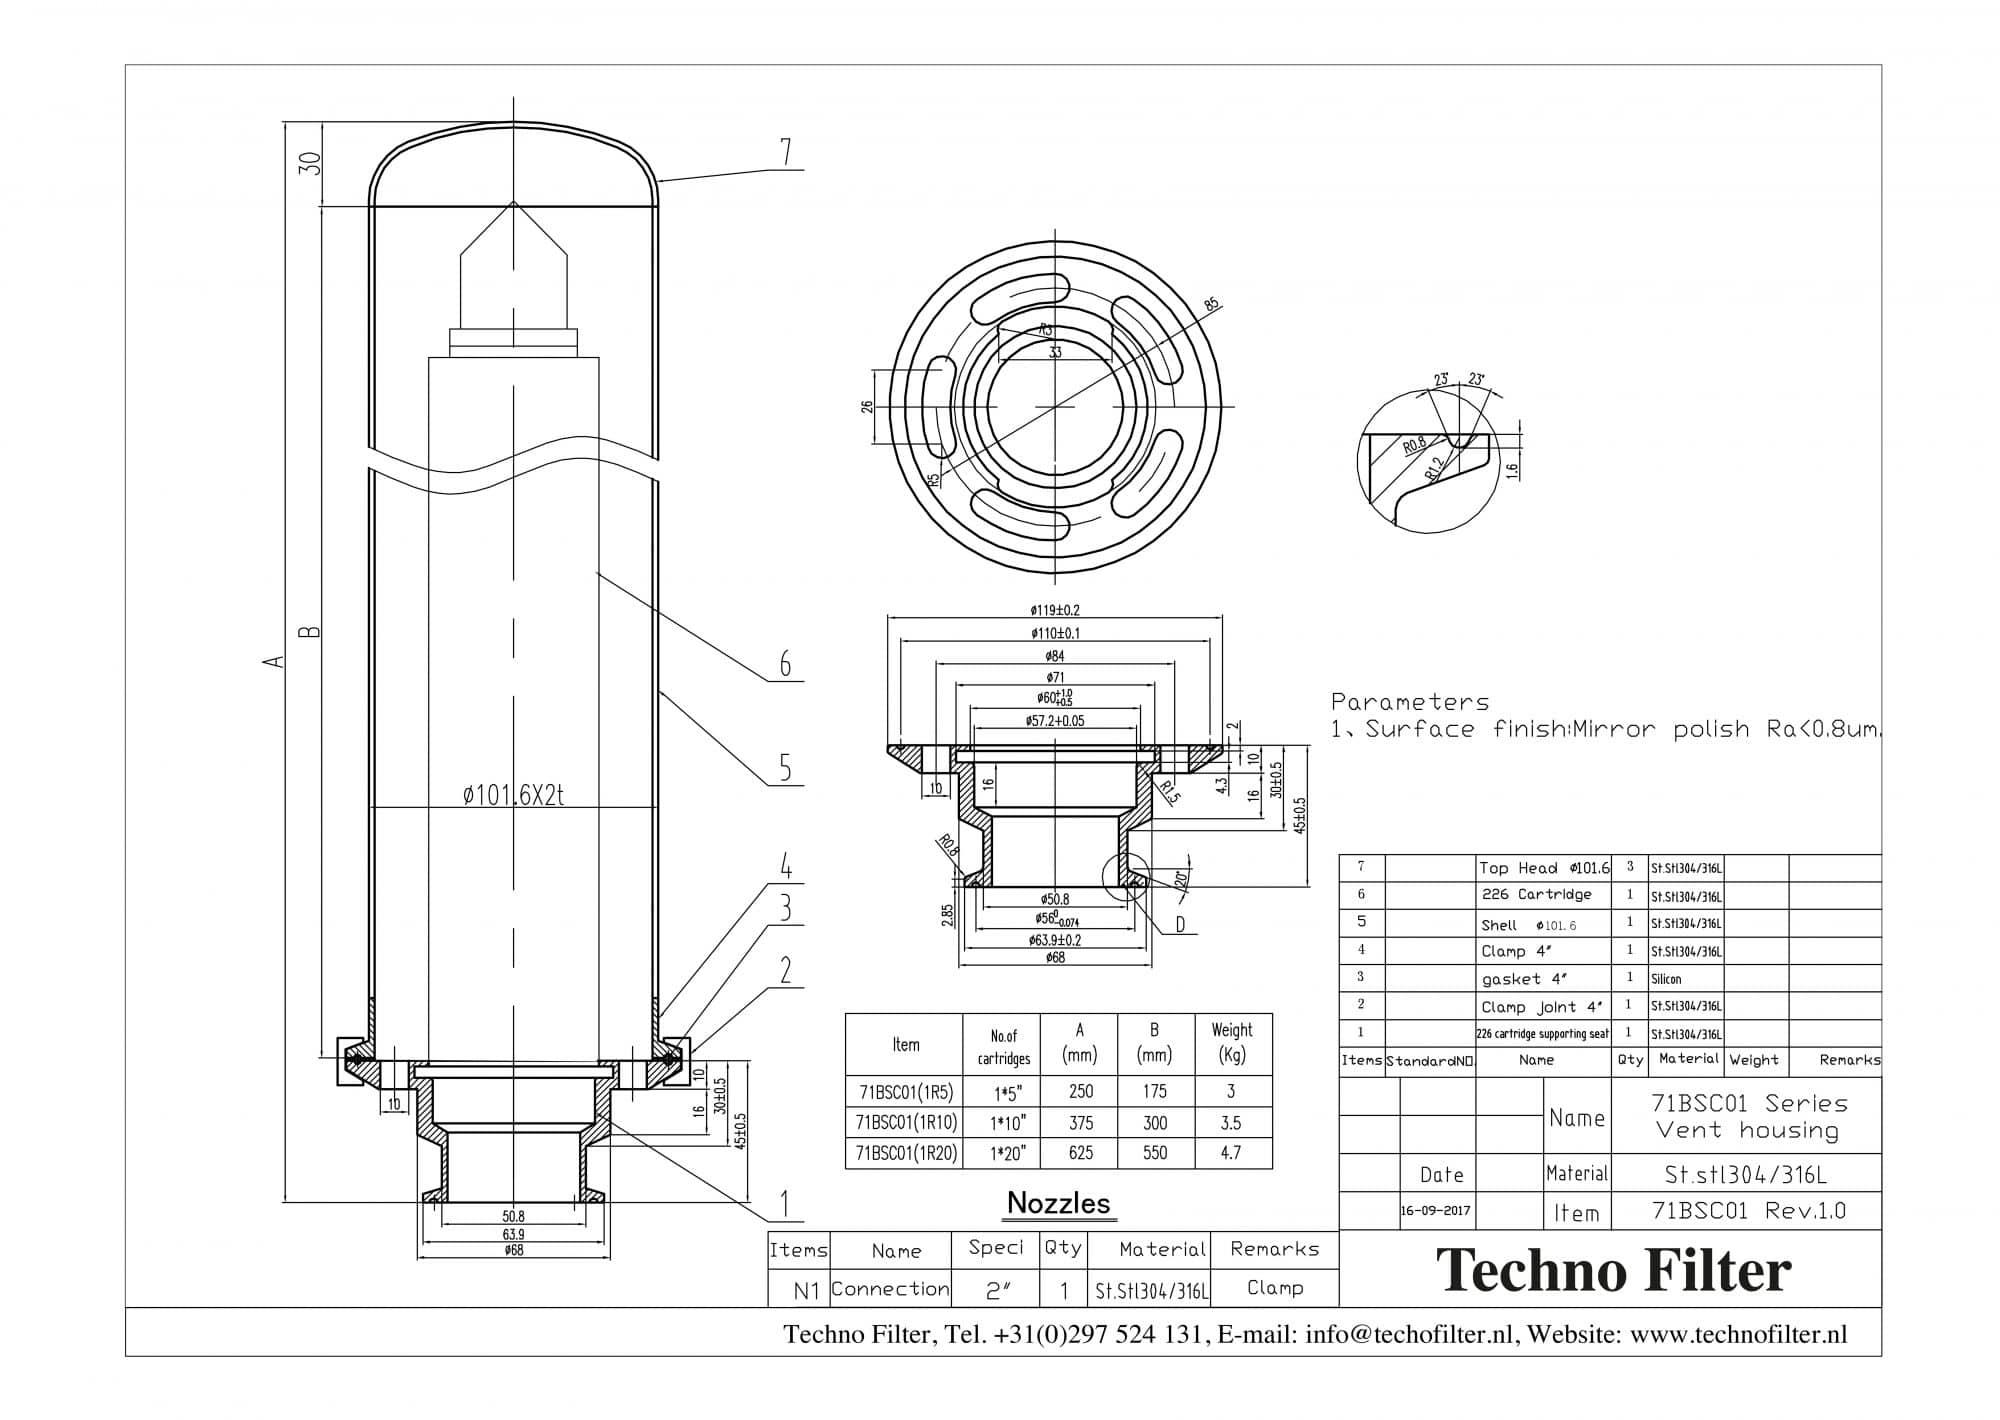 Sanitary grade filter housings - Techno Filter